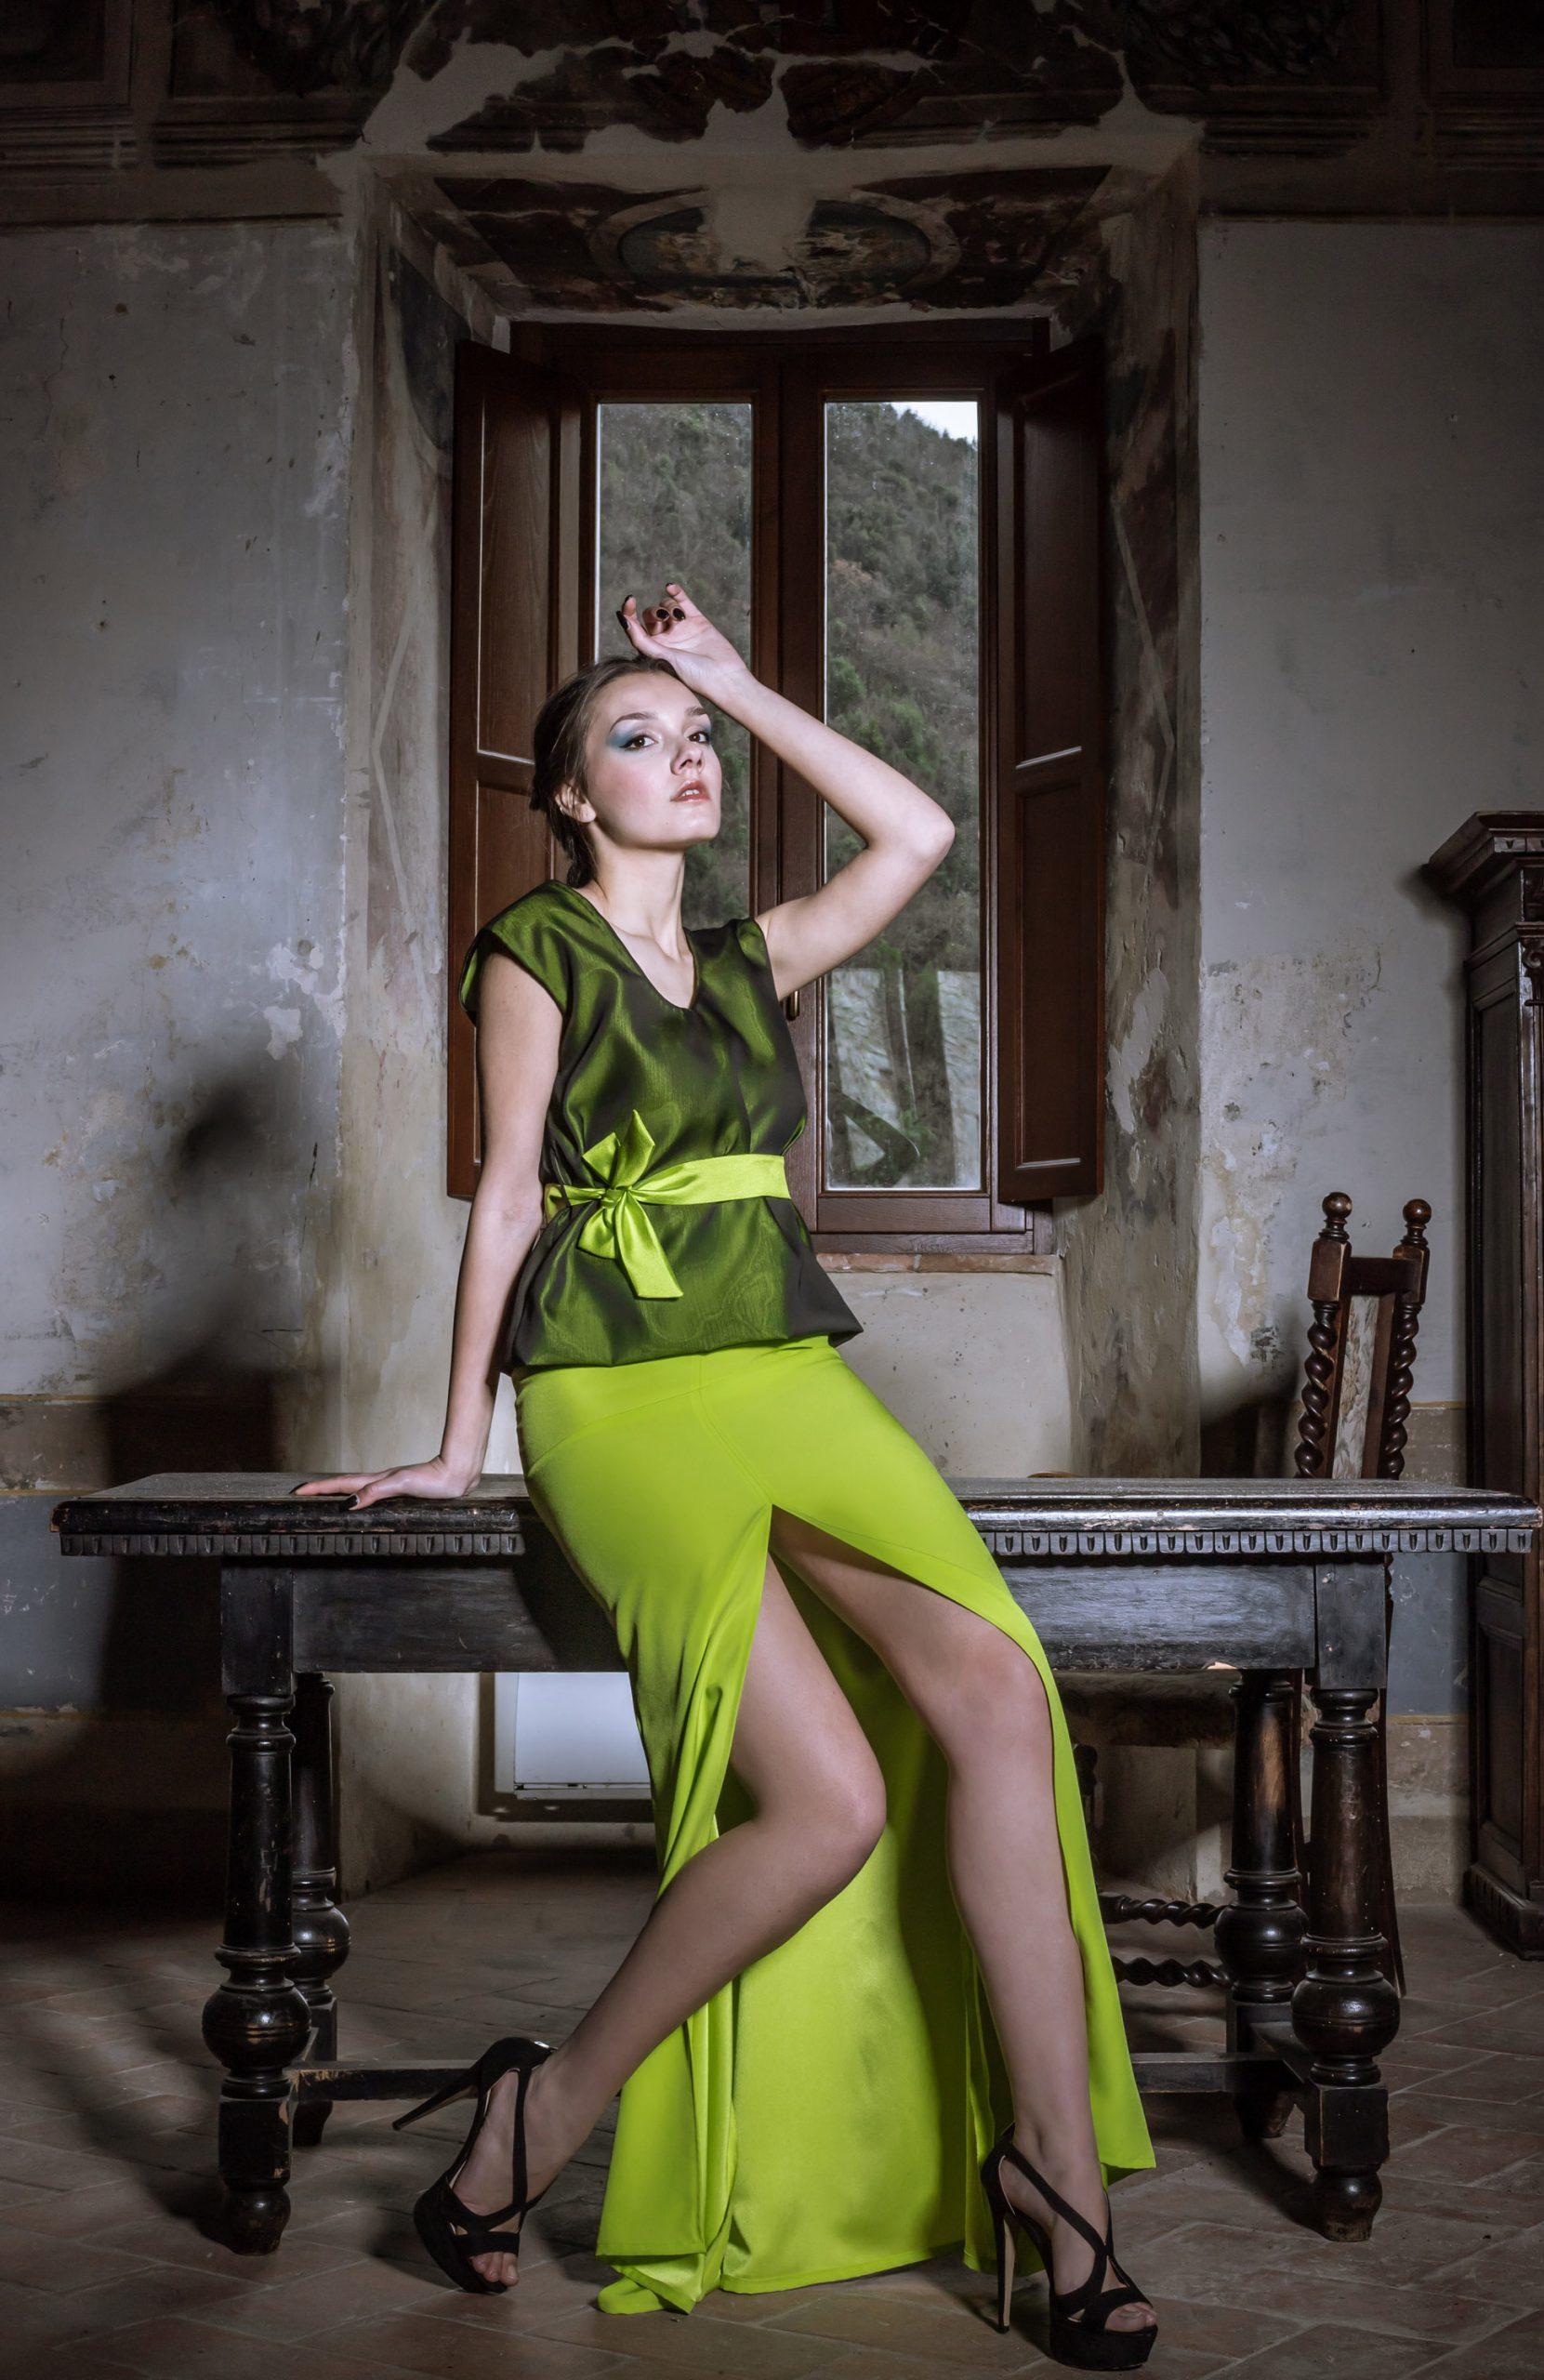 Categorie: Fashion, Portrait; Photographer: EMANUELE TETTO; Models: IRENE BOMBARDELLI e BARBARA MORONI; Mua: LUDOVICA MARINI; Stylist: ROMINA QUADARELLA COUTURE; Videomaker: ELISABETTA DI CARLO; Location: Castello Orsini, Montenero Sabino, RI, Italia